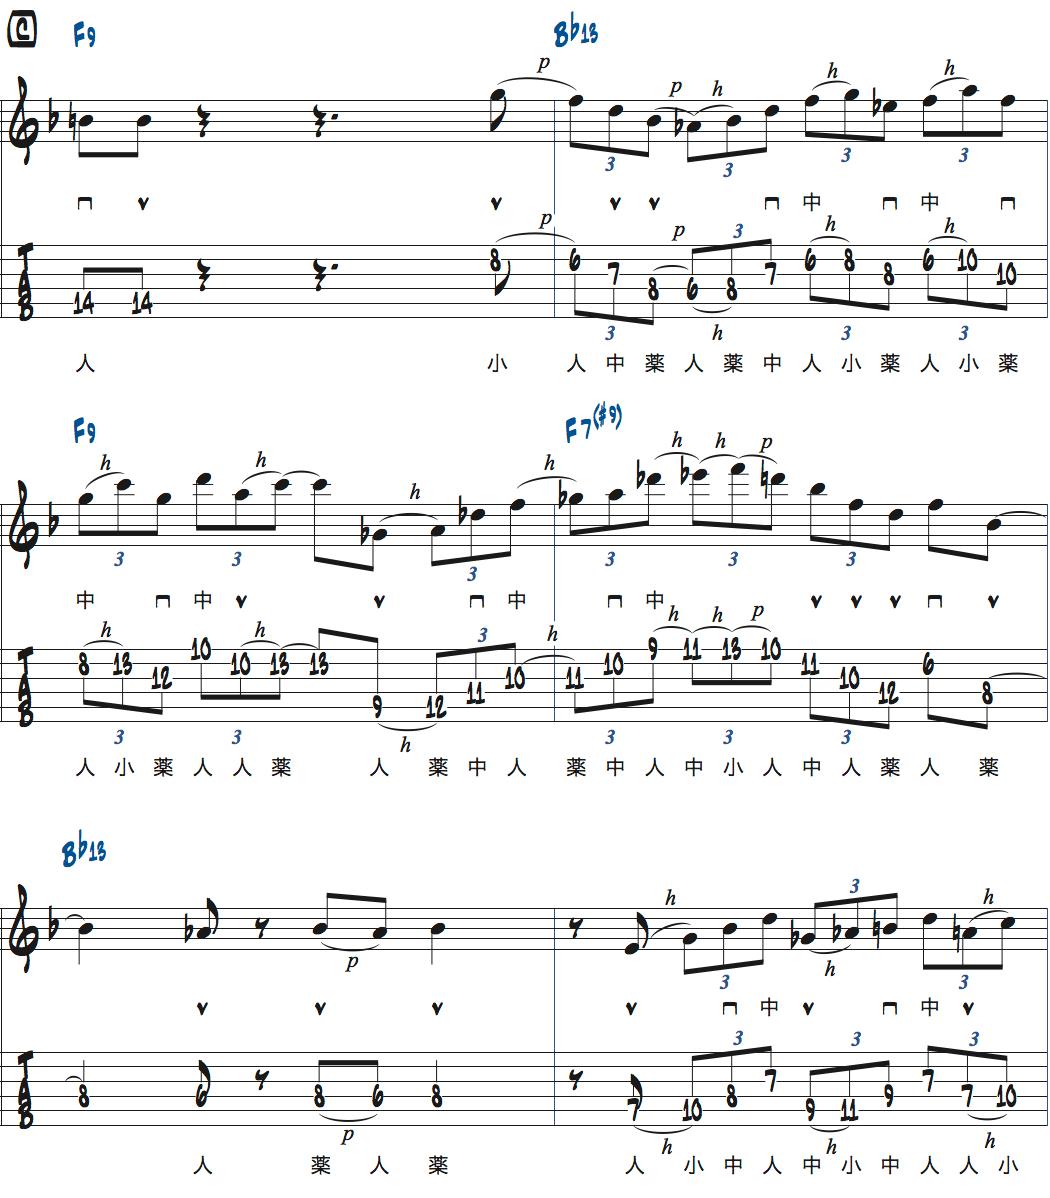 ティム・ミラーのハイブリッド・ピッキングを使ったブルースでのアドリブ3コラース目1ページ目楽譜